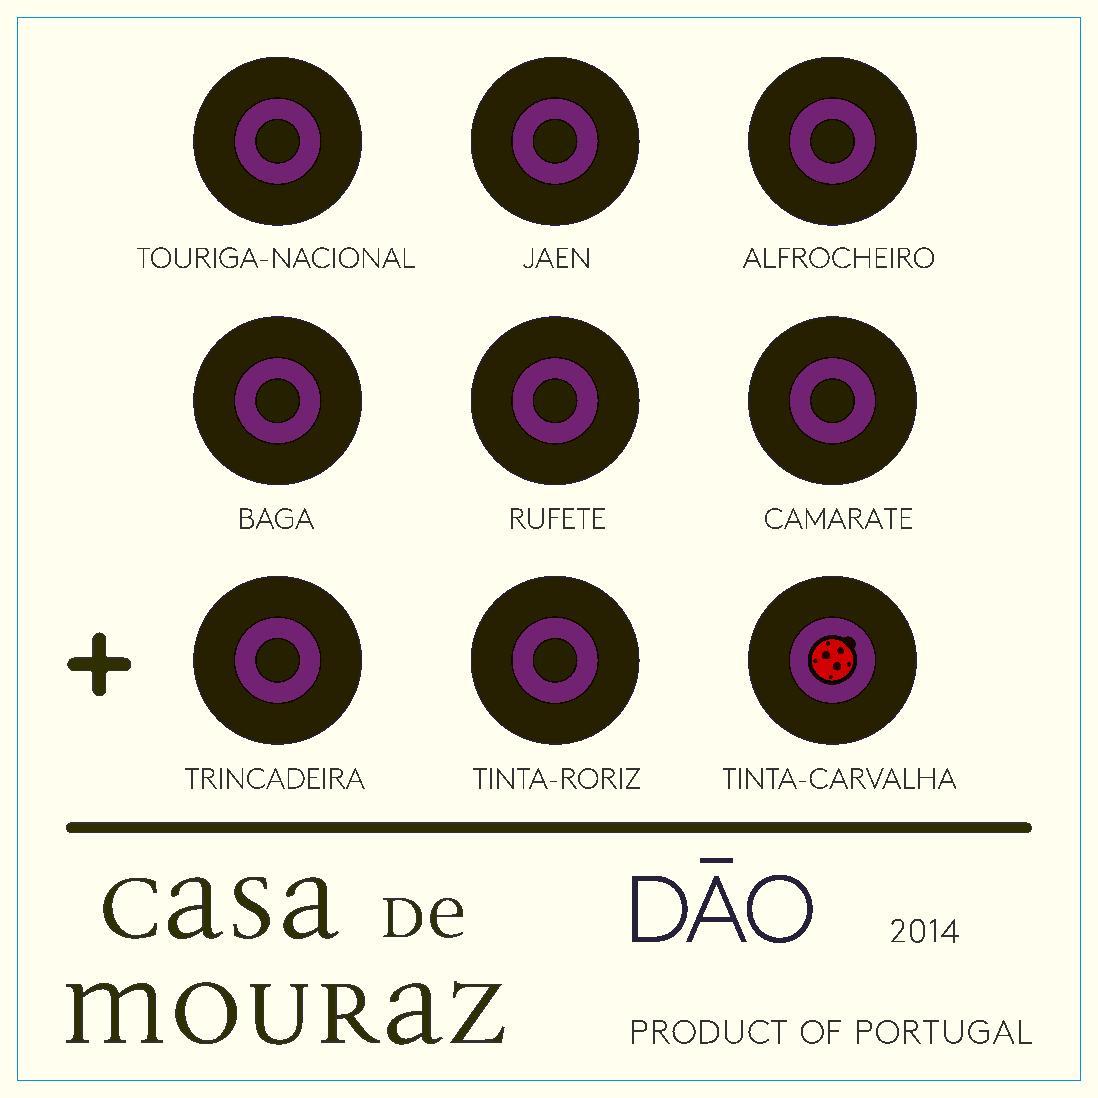 BK Mouraz tinto NEW ORIG.jpg